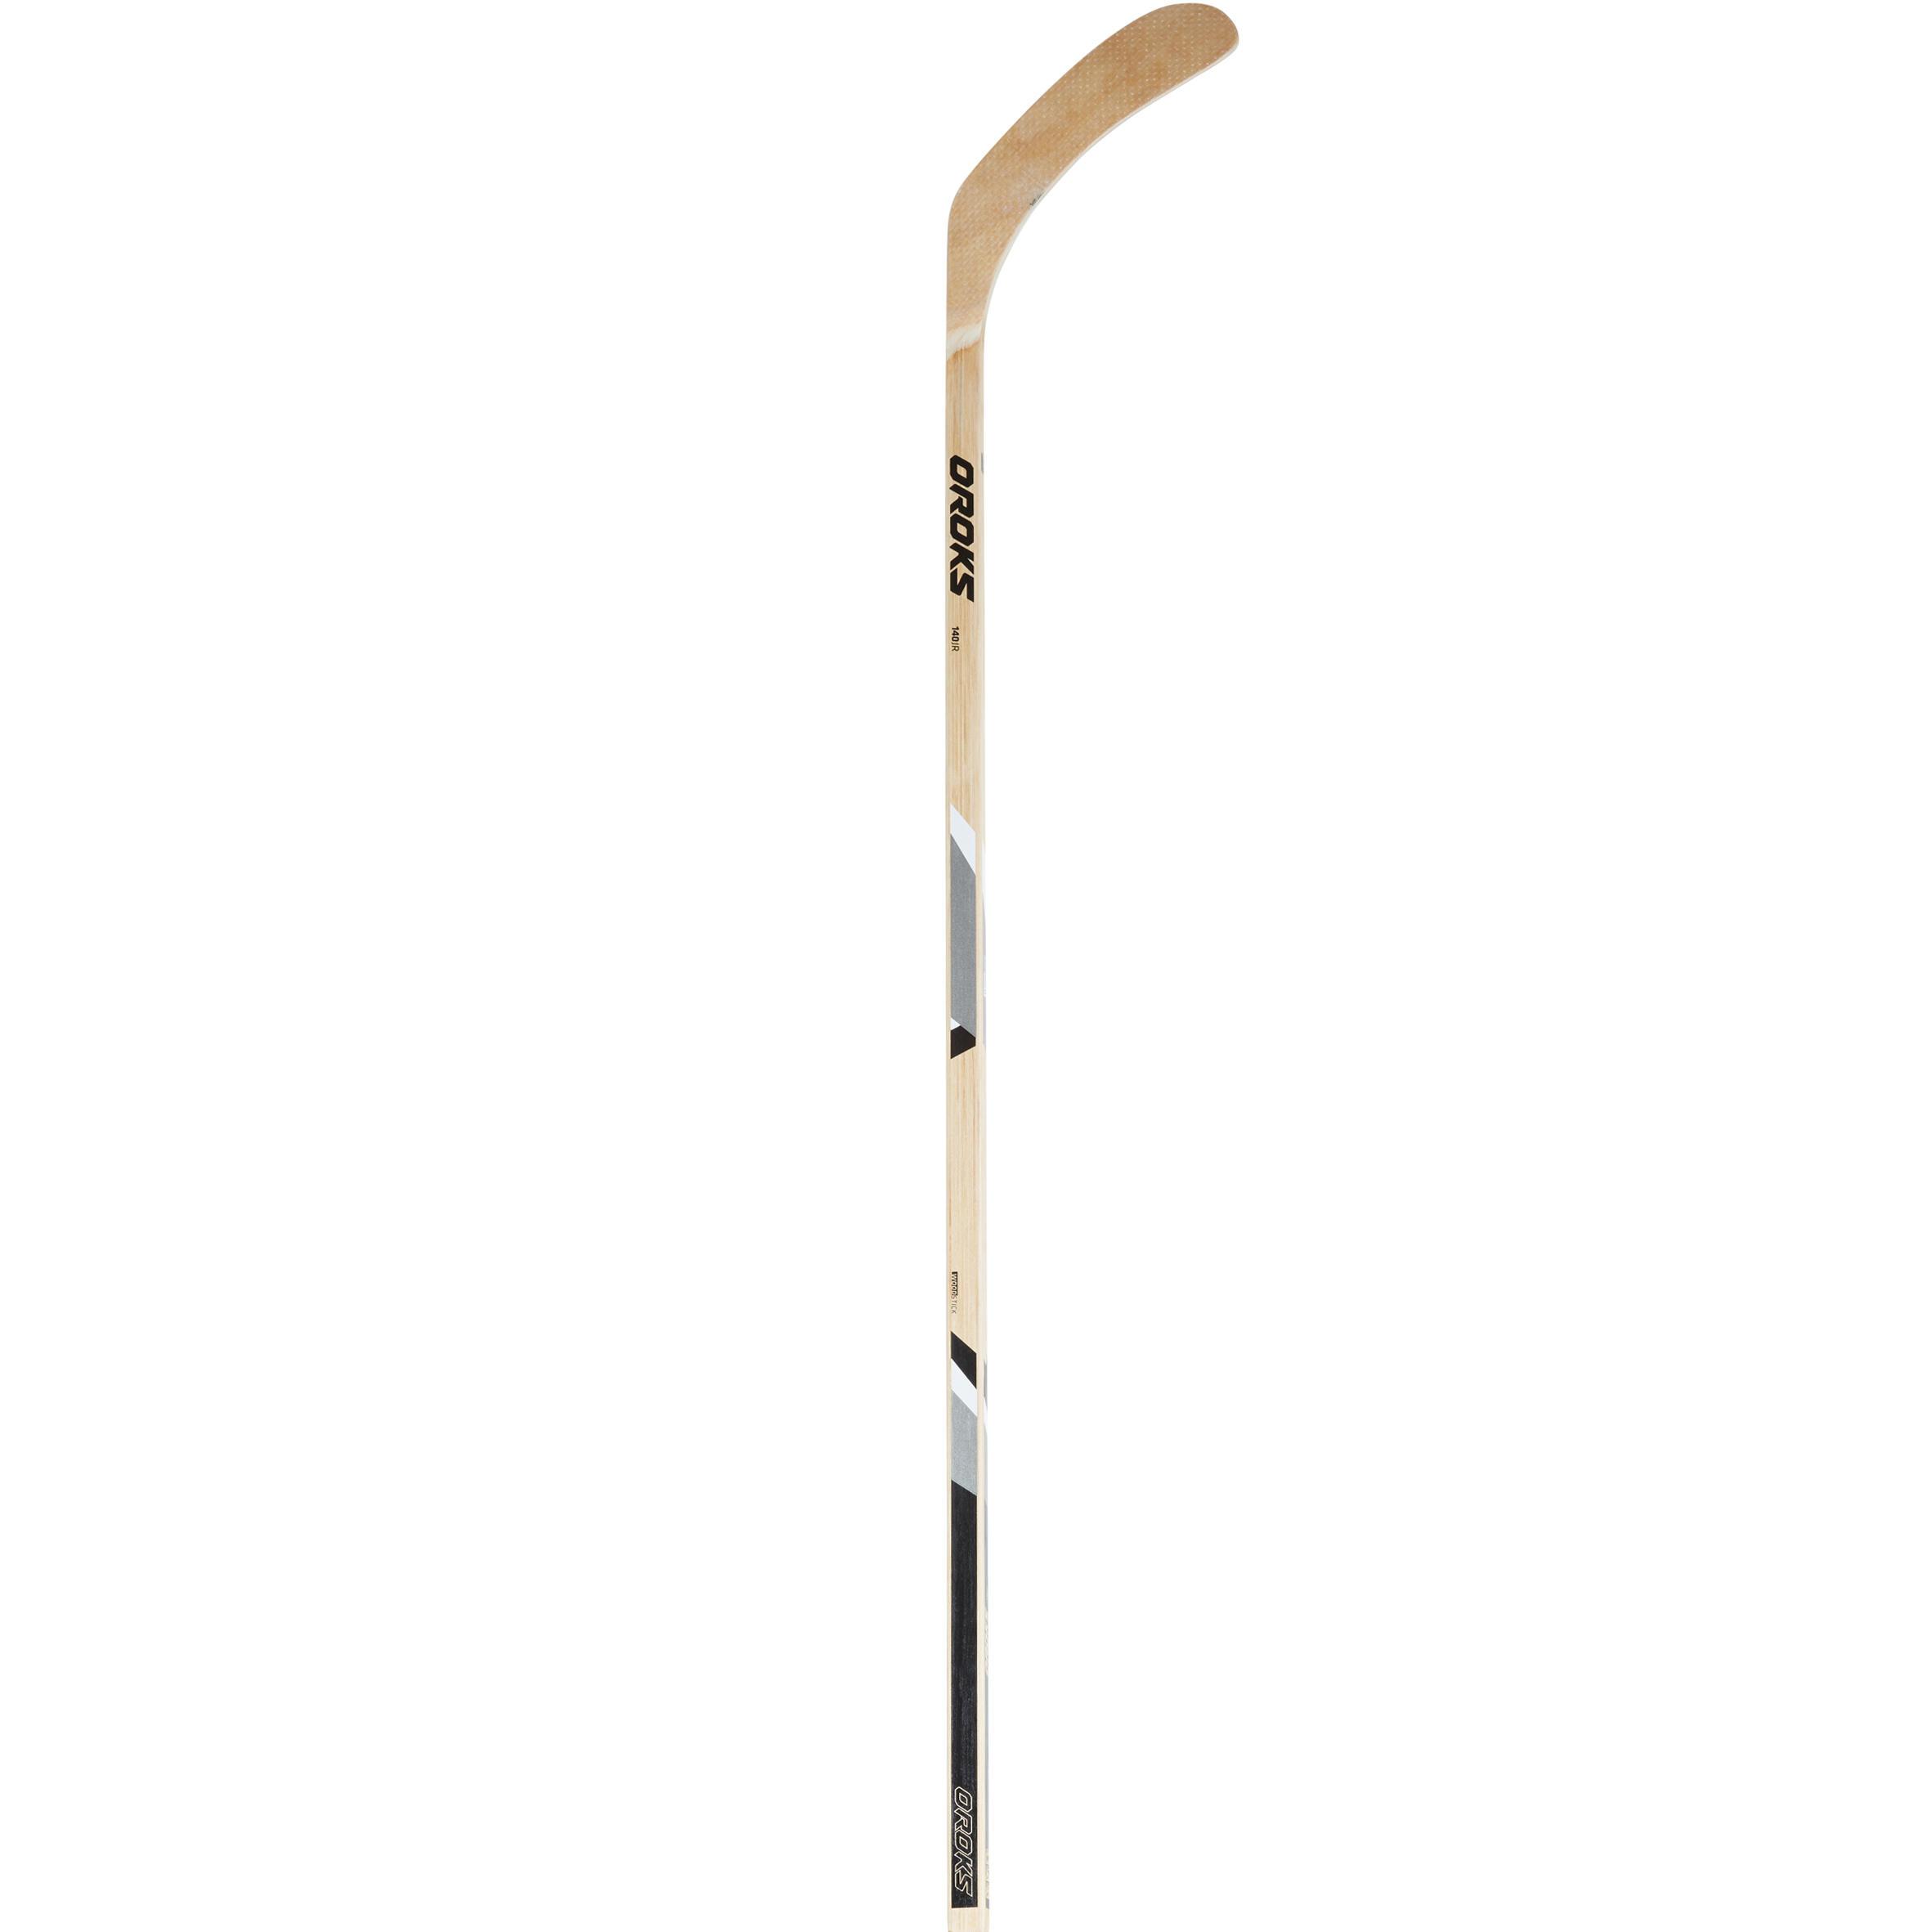 140 Junior Hockey Stick